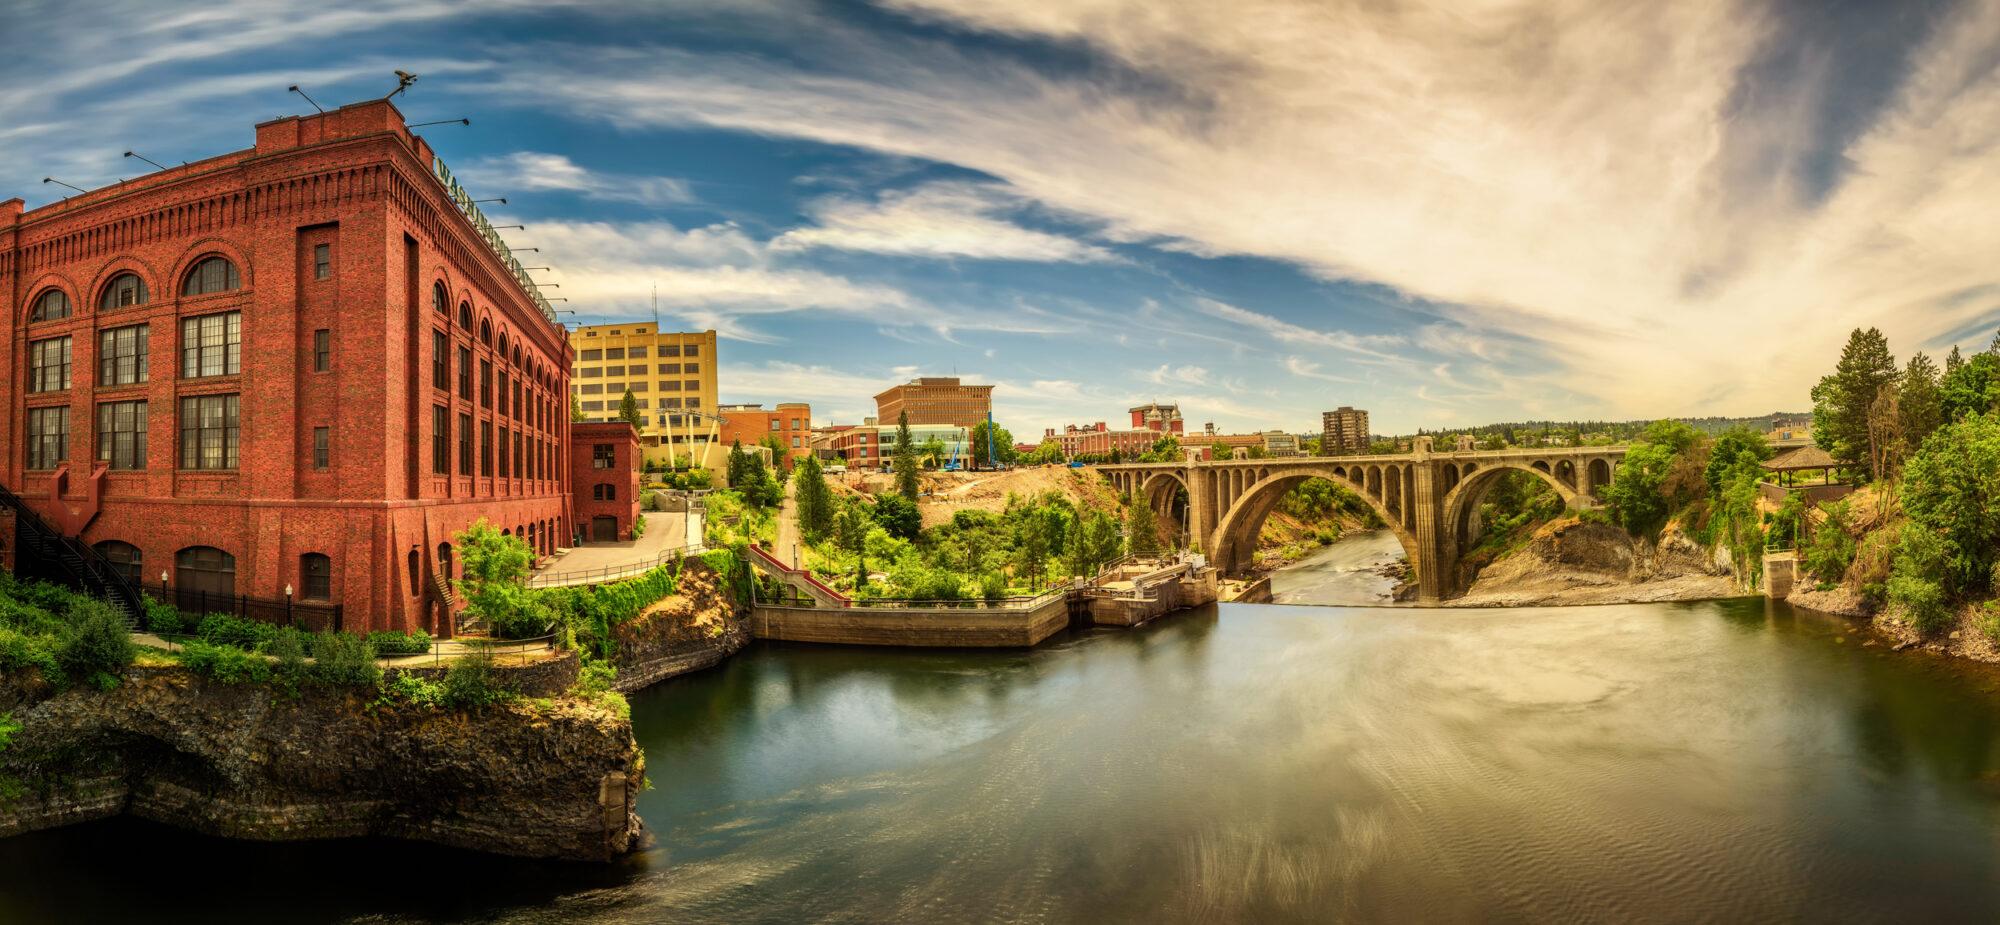 Artistic Downtown Spokane River